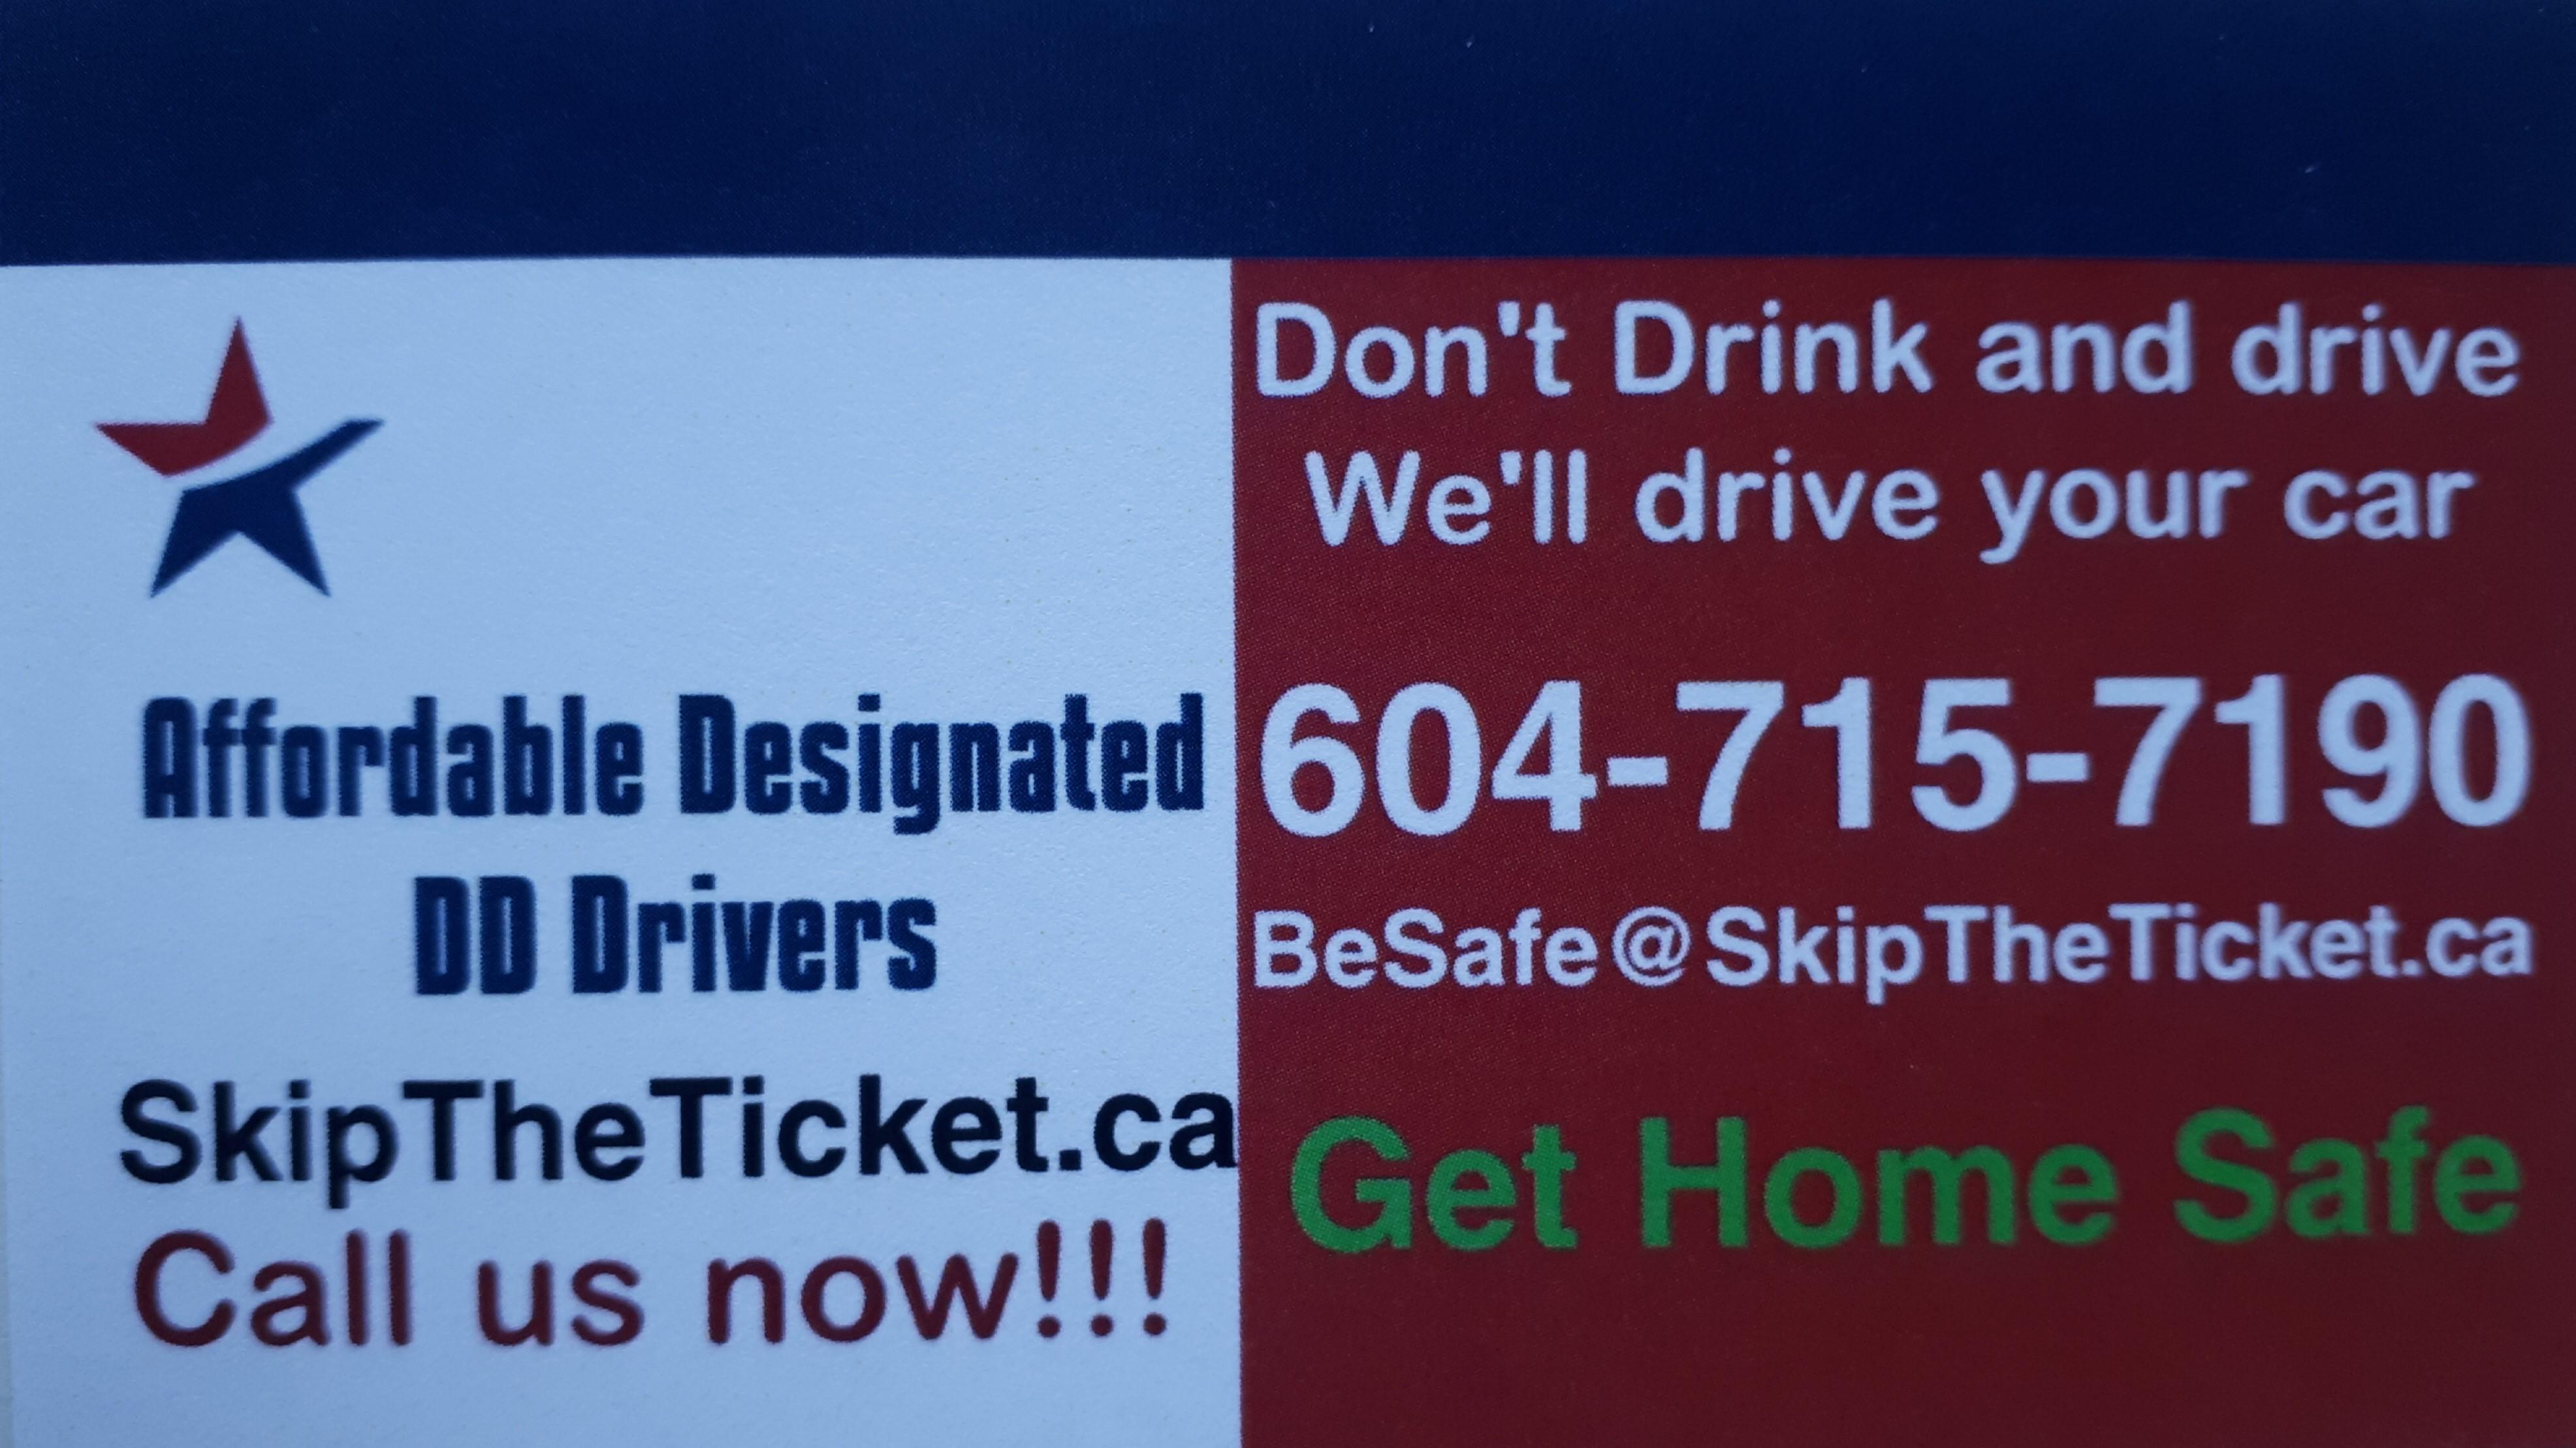 Designated Driver Service